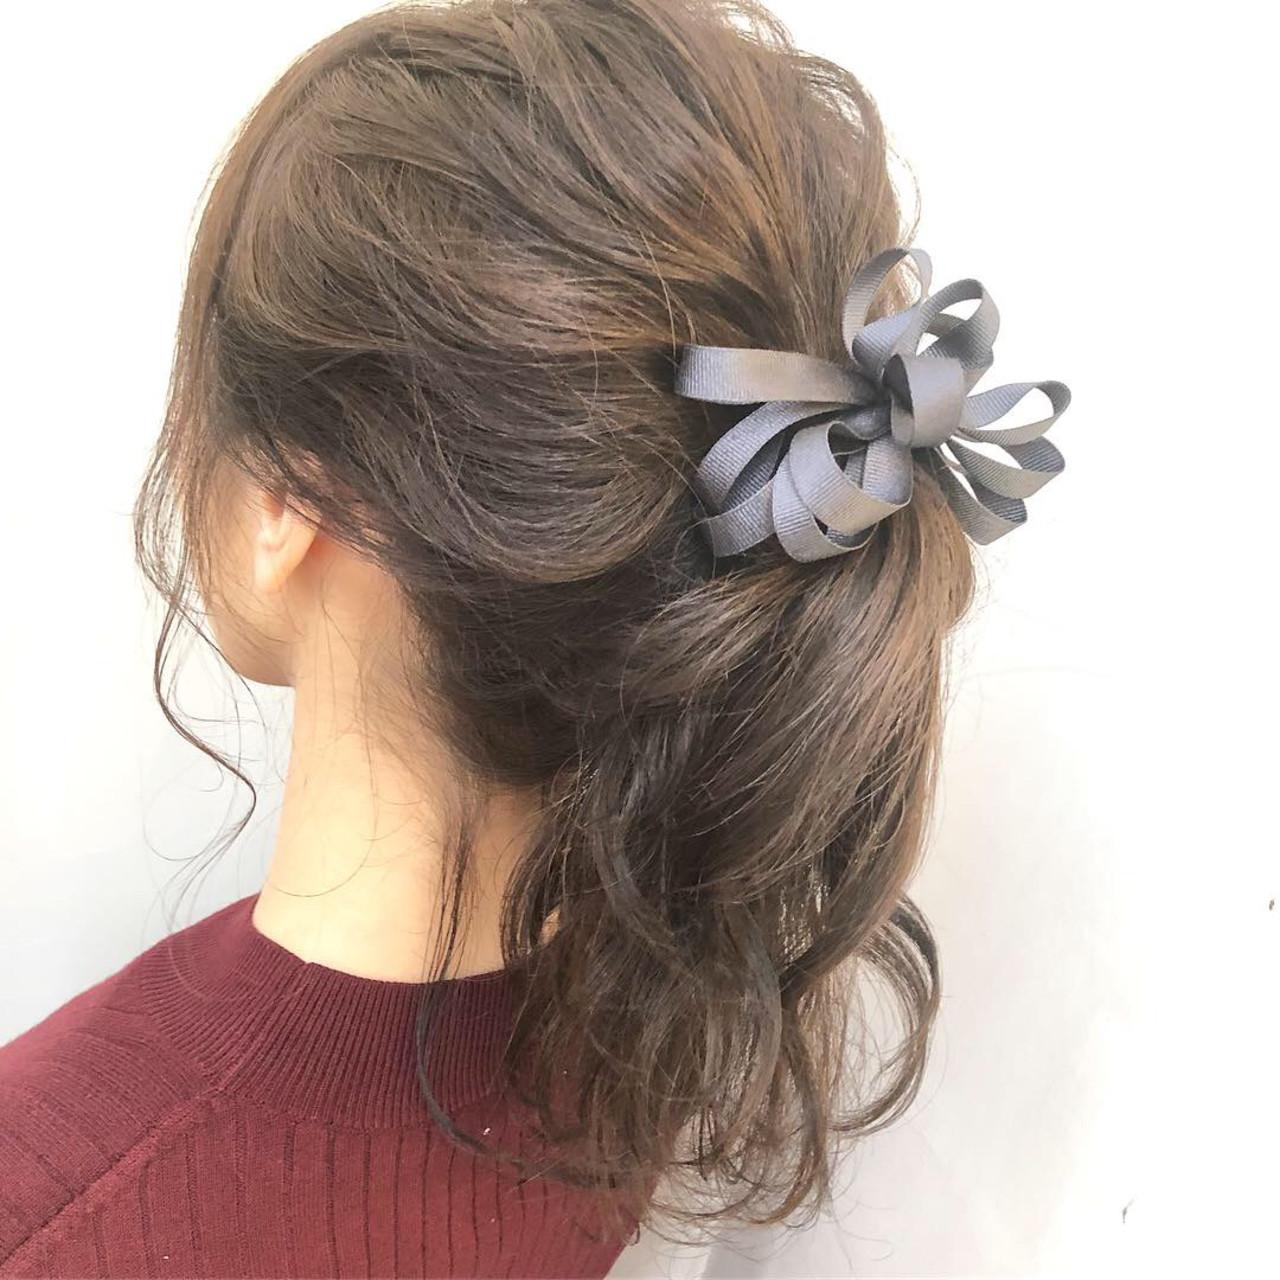 ナチュラル ポニーテール セミロング ルーズ ヘアスタイルや髪型の写真・画像 | Kaoru_ishiga / RadiaL HAIR DESIGN